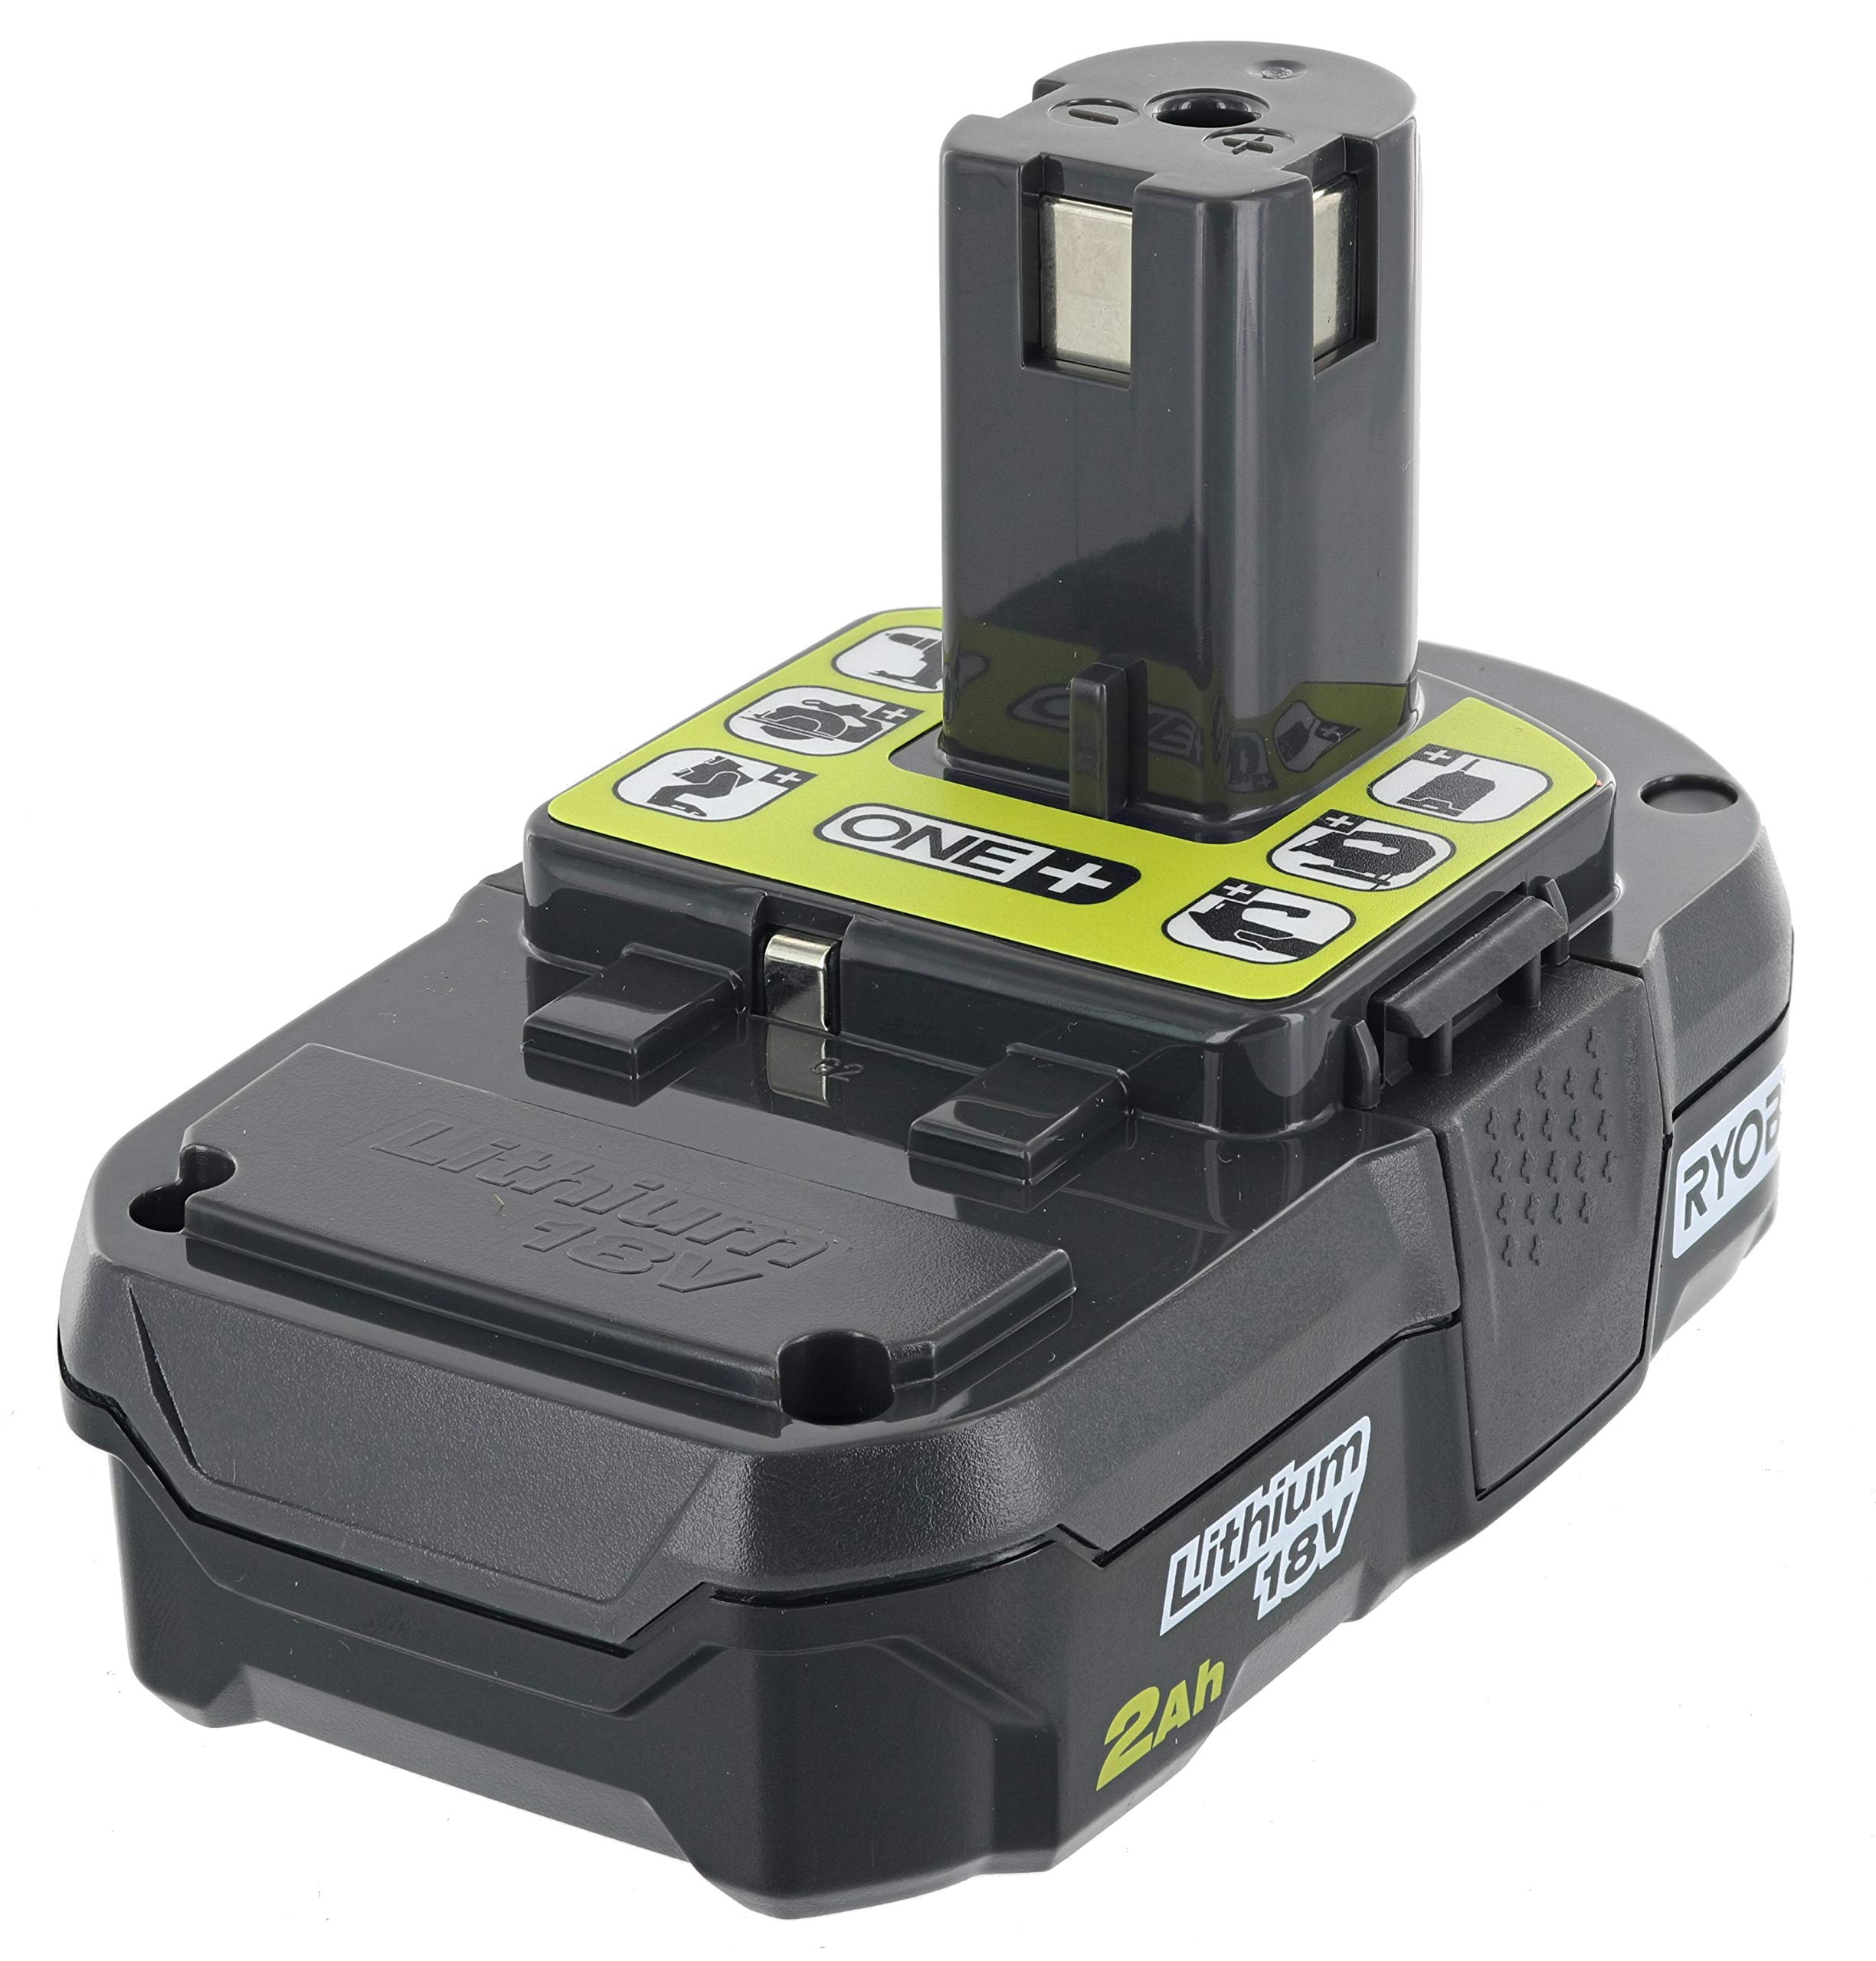 Bateria Original RYOBI P190 18V 2.0AH